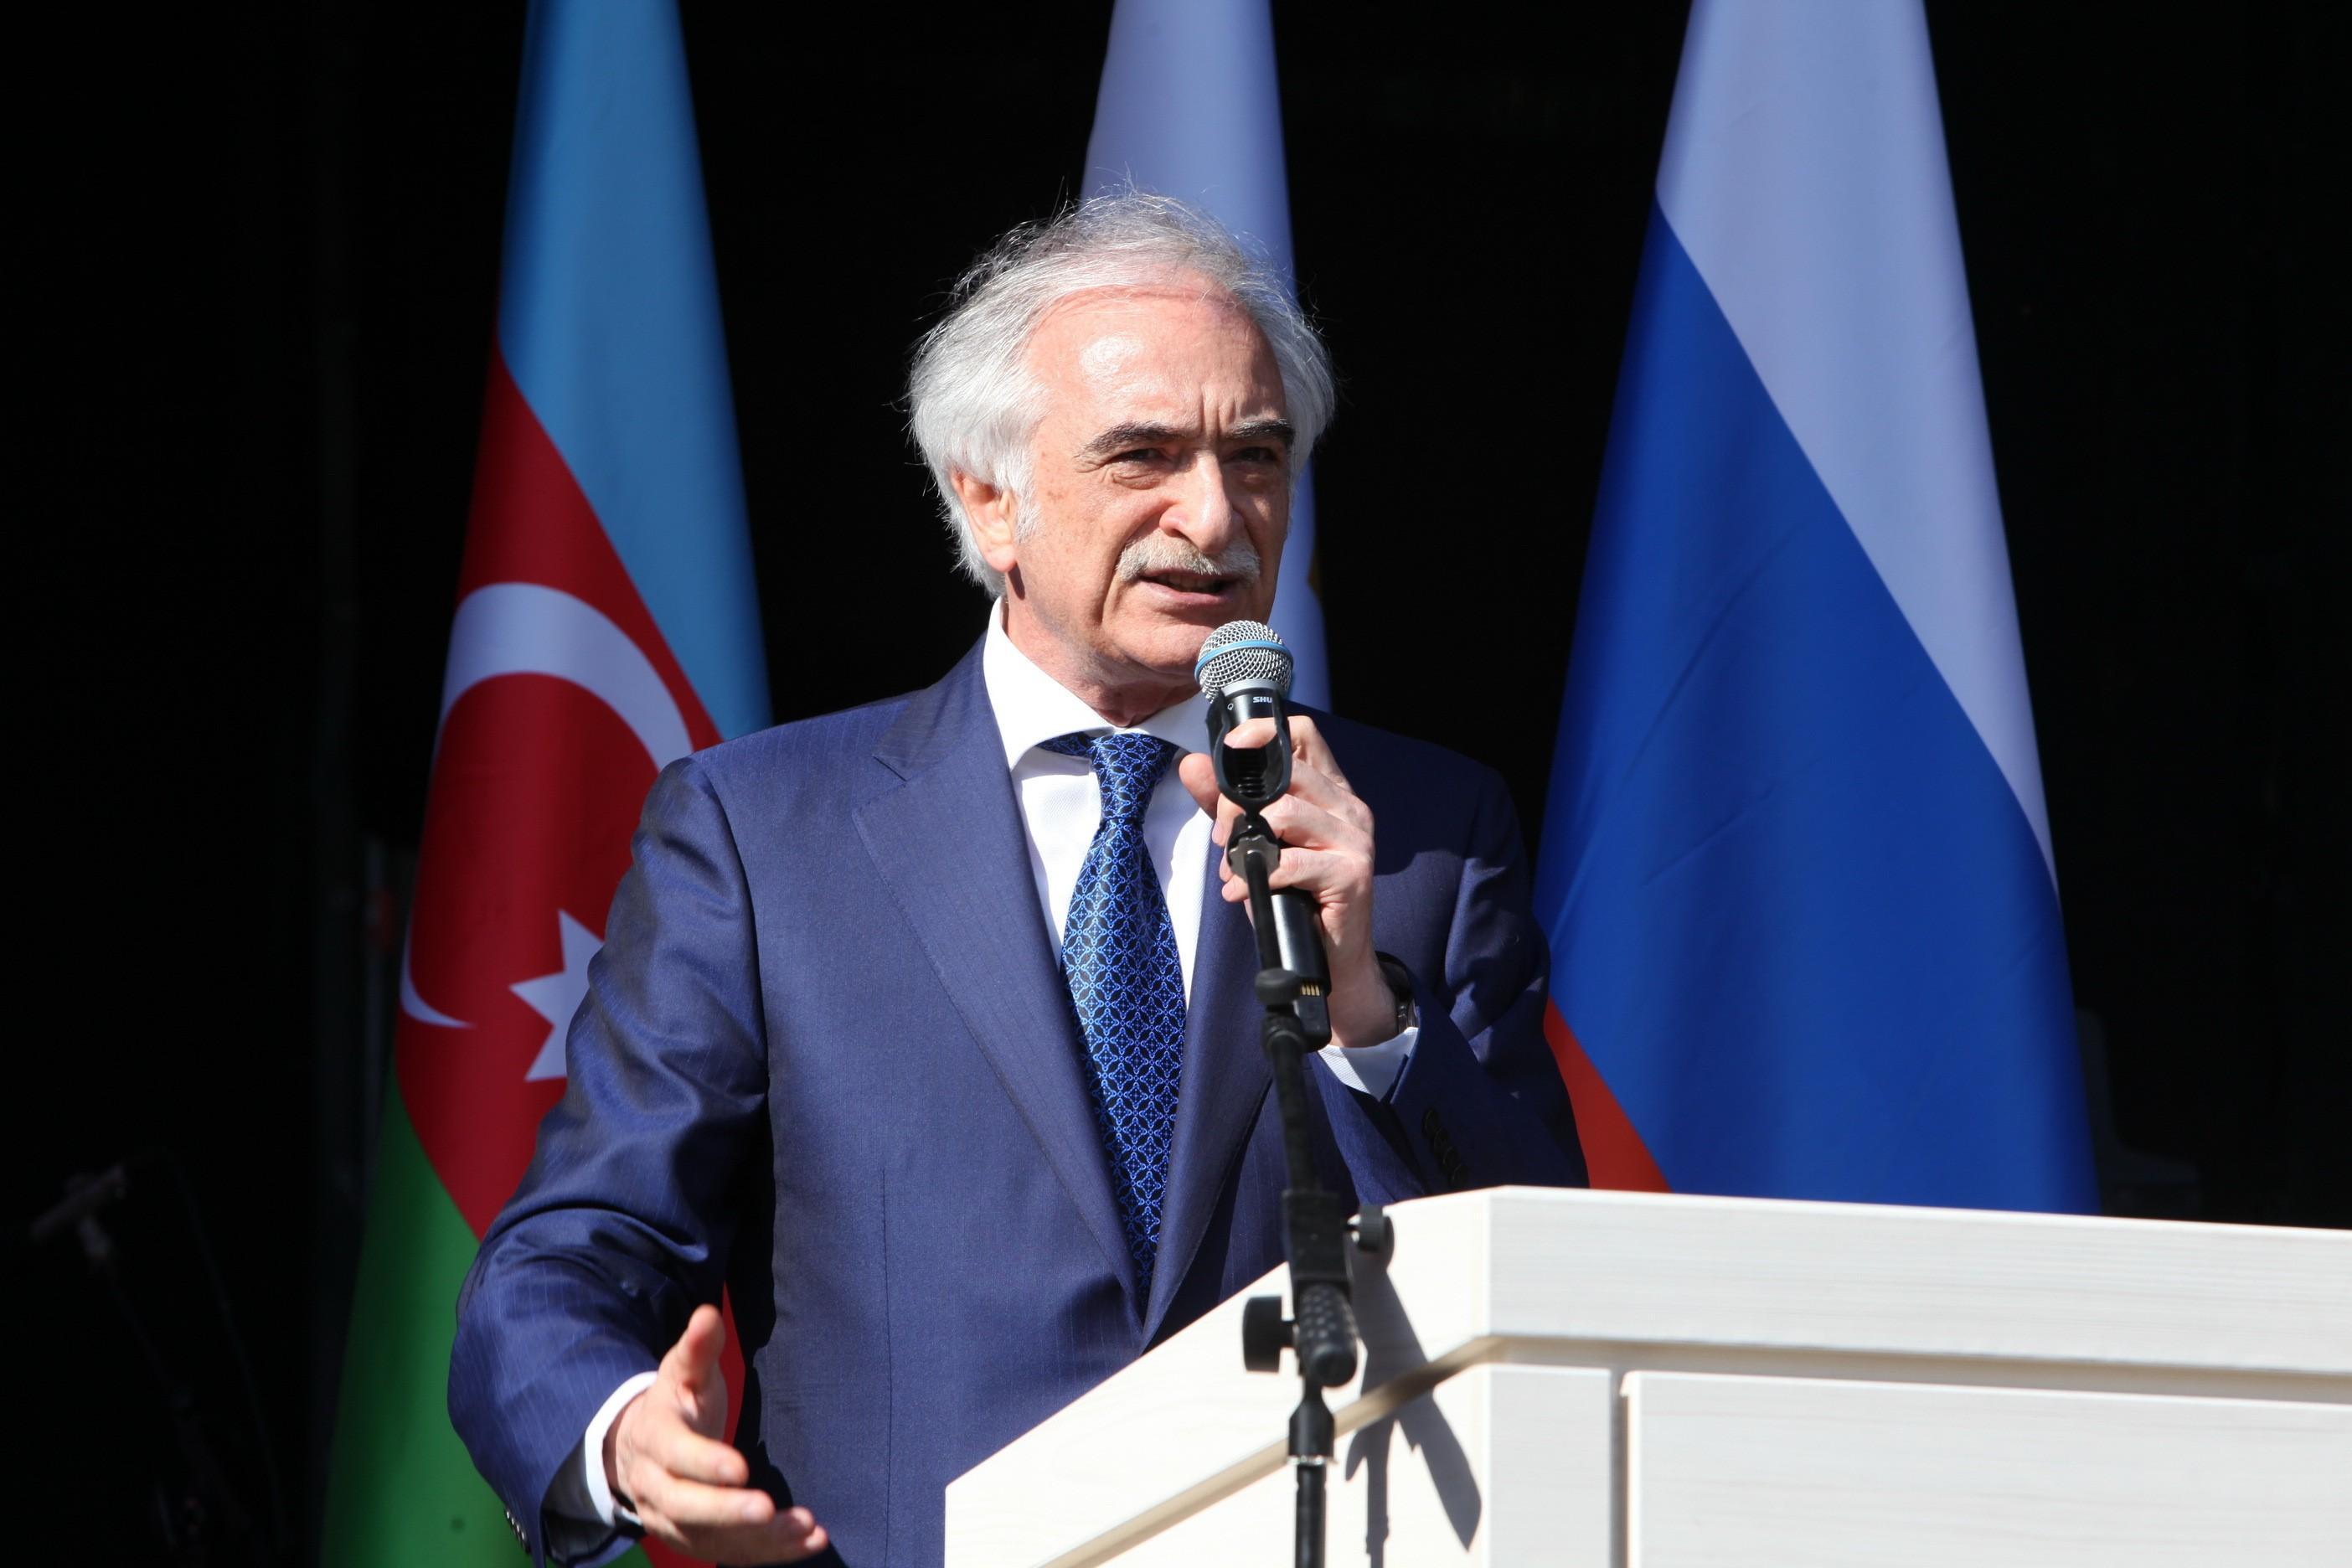 Полад Бюльбюль оглы: Важно, чтобы азербайджанцы России чувствовали себя гражданами этой великой страны